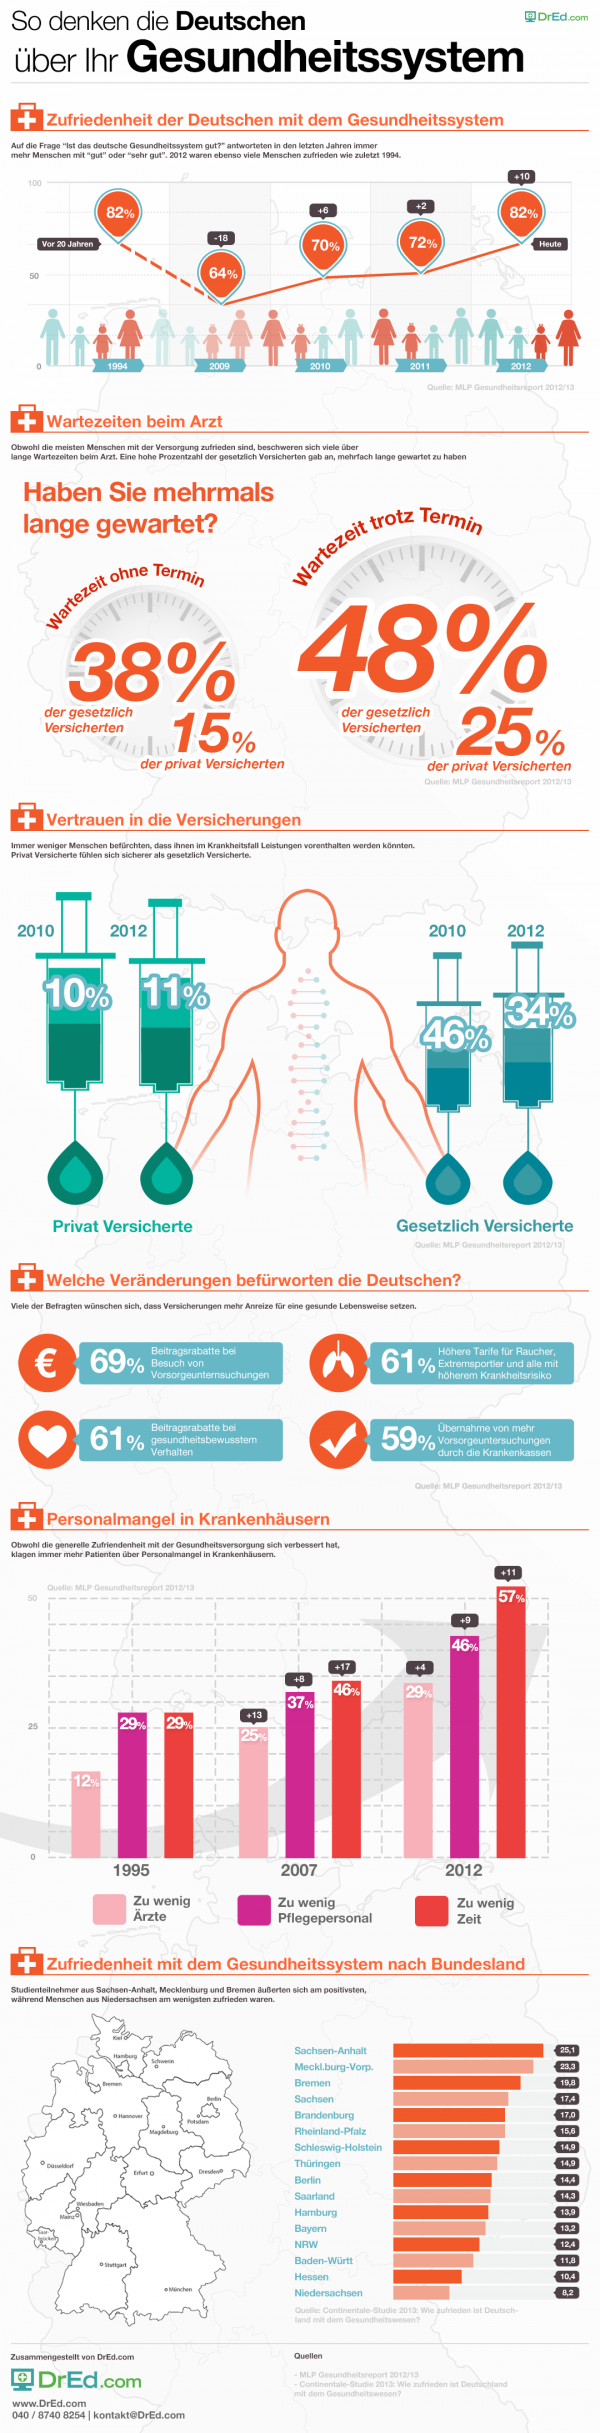 Gesundheitssystem Deutschland - Was die Deutschen von ihrem Gesundheitssystem halten